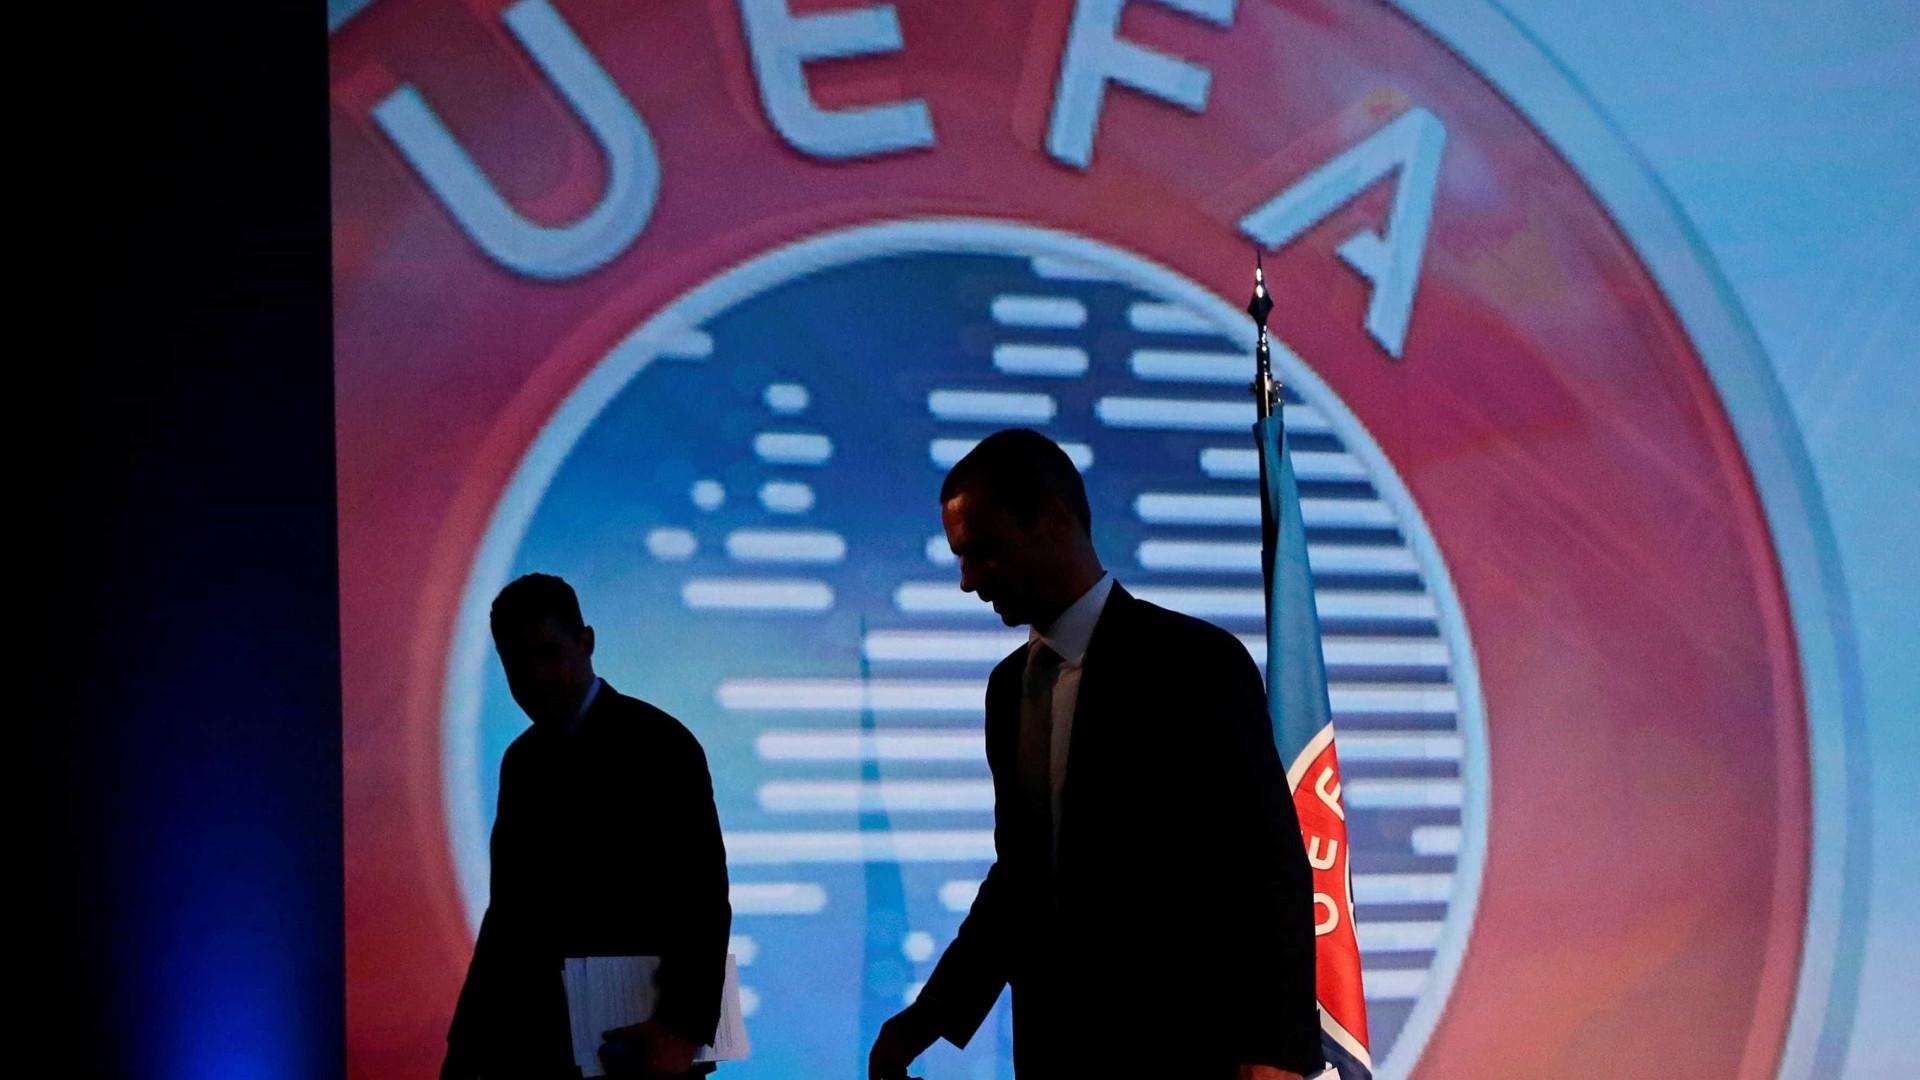 Uefa tira final da Liga dos Campeões de Istambul e leva para a Cidade do Porto